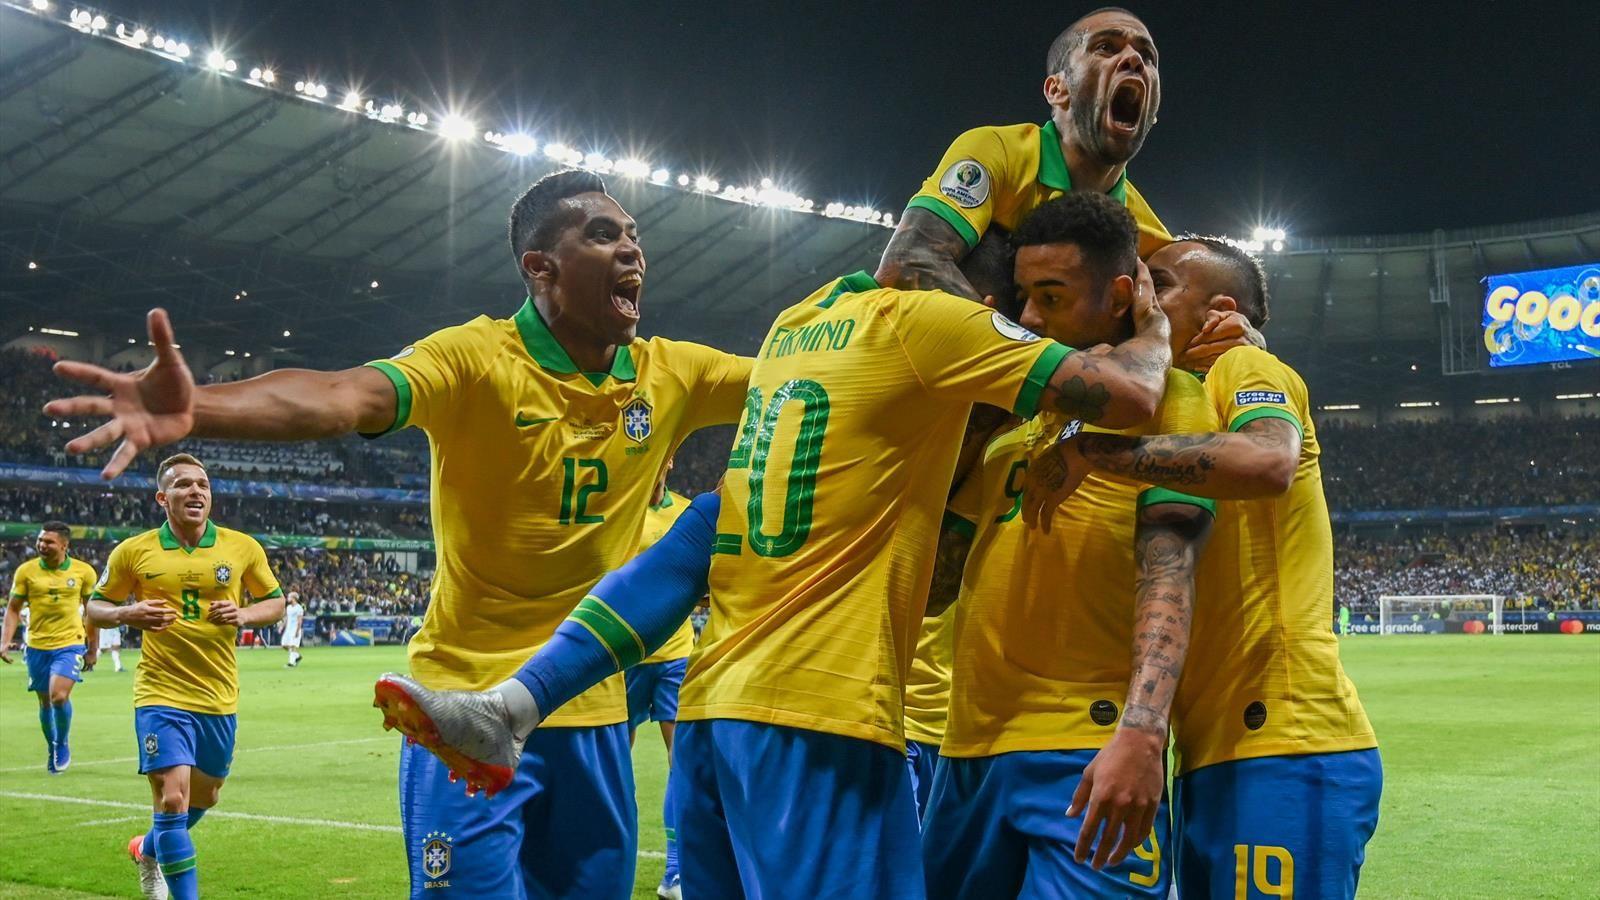 Железная оборона Бразилии и медаль для Месси. Прогнозы на решающие матчи Кубка Америки